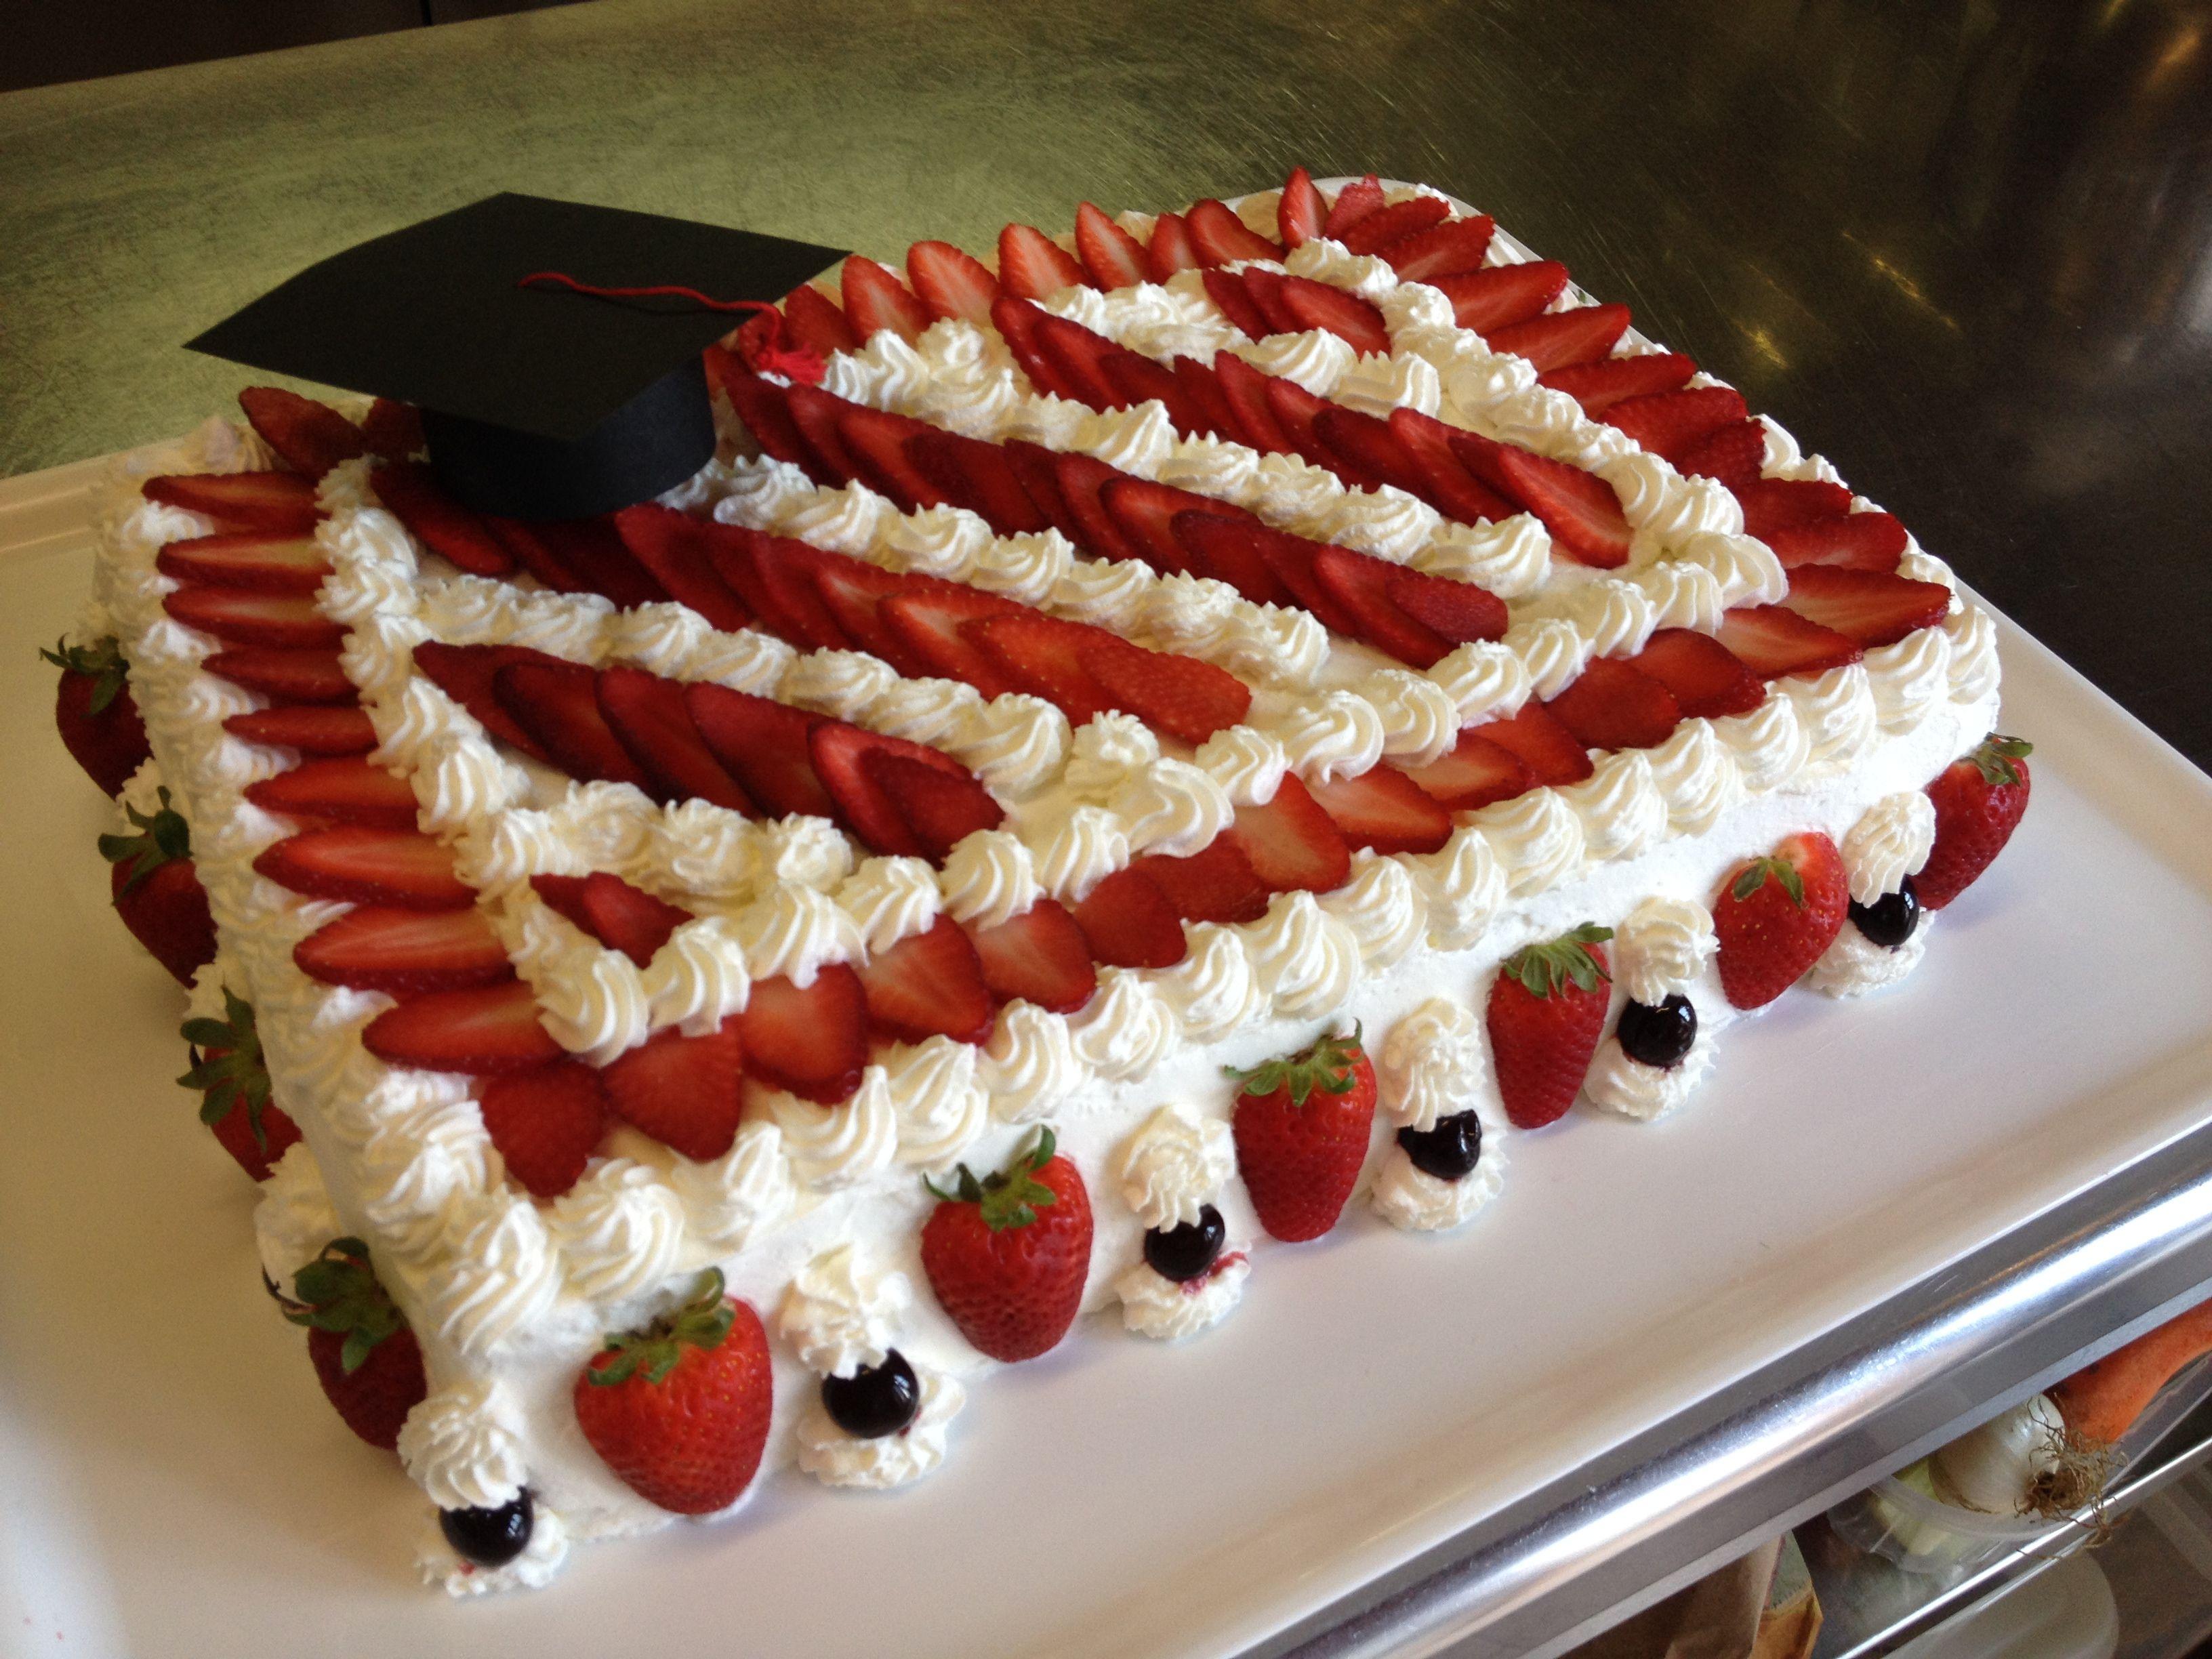 Idee Per Decorare Una Torta torta di laurea in pan di spagna, crema pasticcera panna